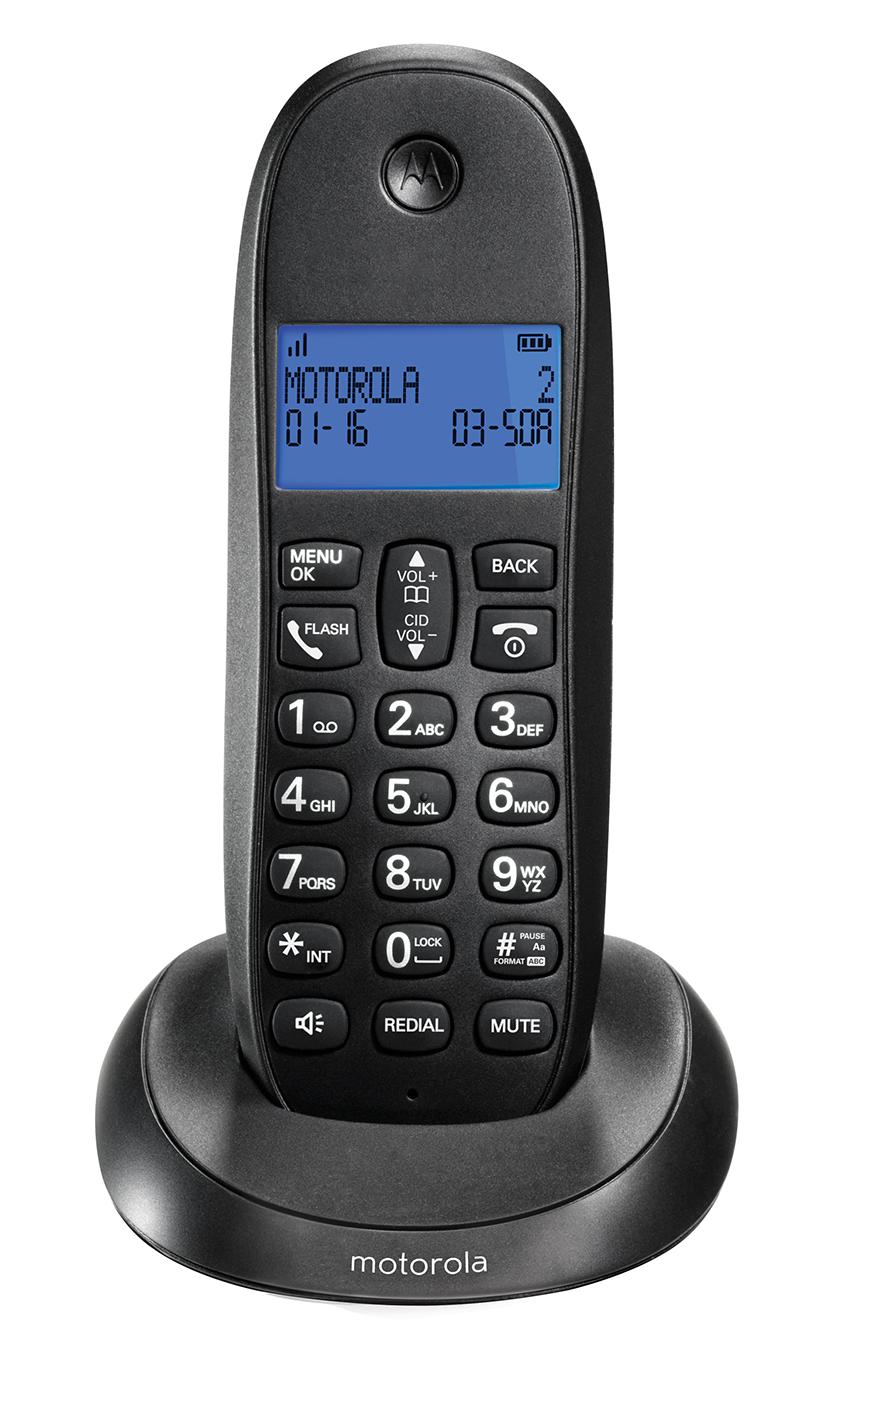 επικοινωνια τηλεφωνο στοιχιμαν